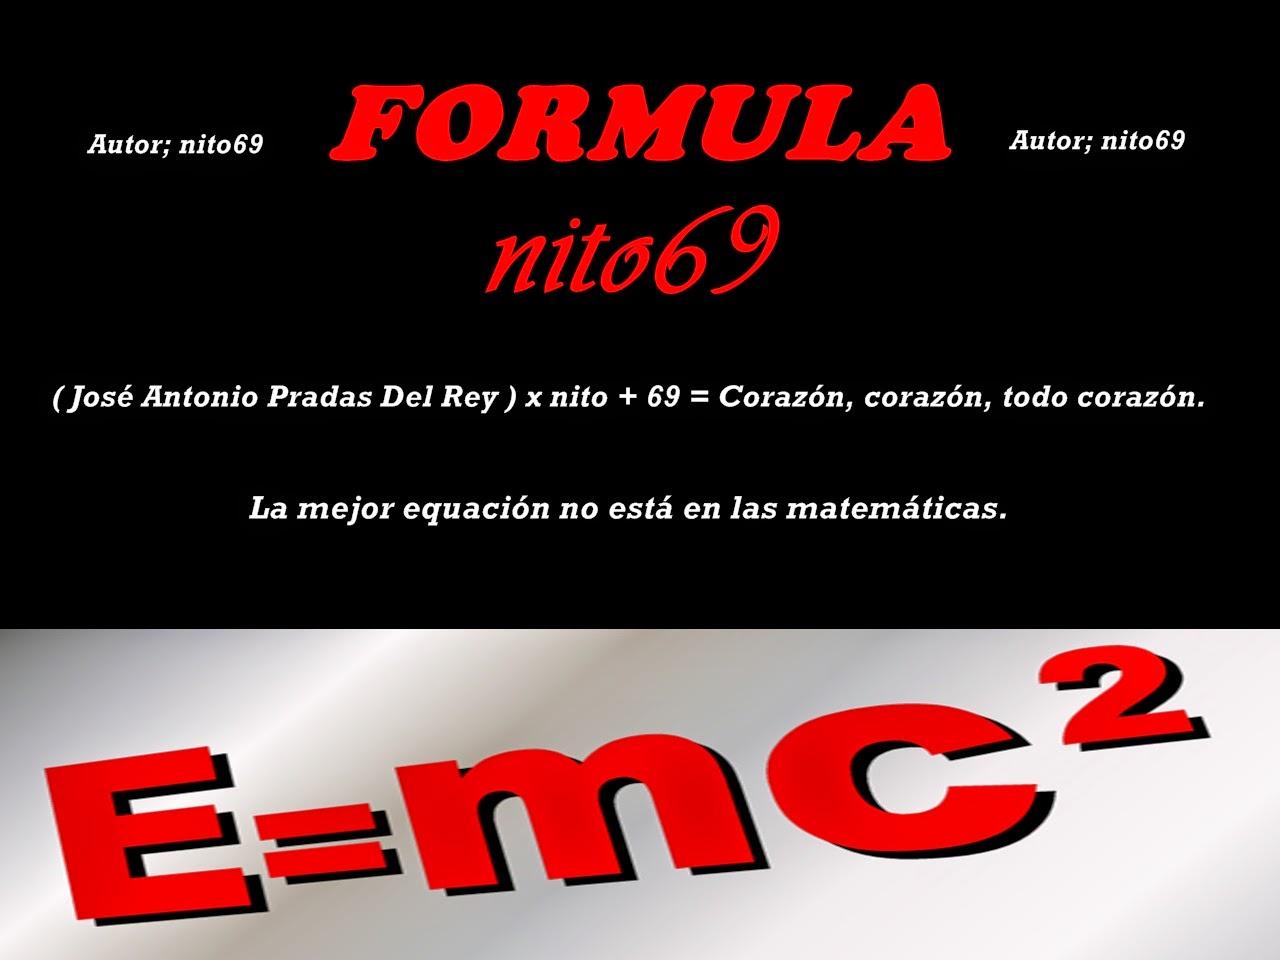 FORMULA nito69